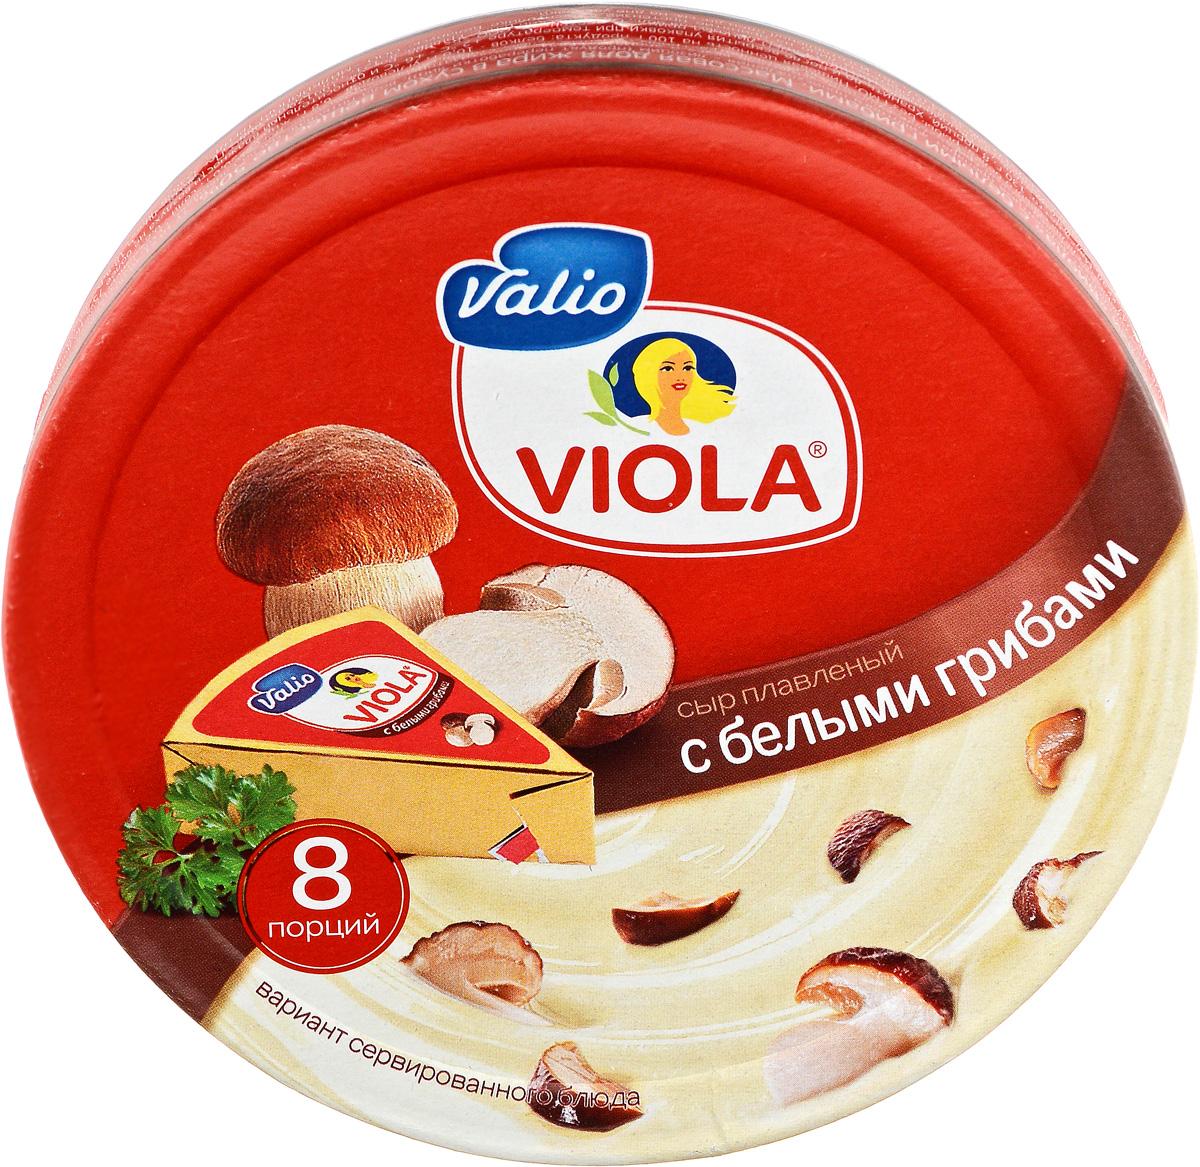 Valio Viola Сыр с белыми грибами, плавленый, 130 г900032Преимущества:Удобный формат - каждый треугольник в индивидуальной, легко открывающейся упаковке;Изготовлены из лучших сыров и масла;Плавленые сыры Viola богаты полезными компонентами, содержащимися в натуральном молоке – протеином, кальцием и